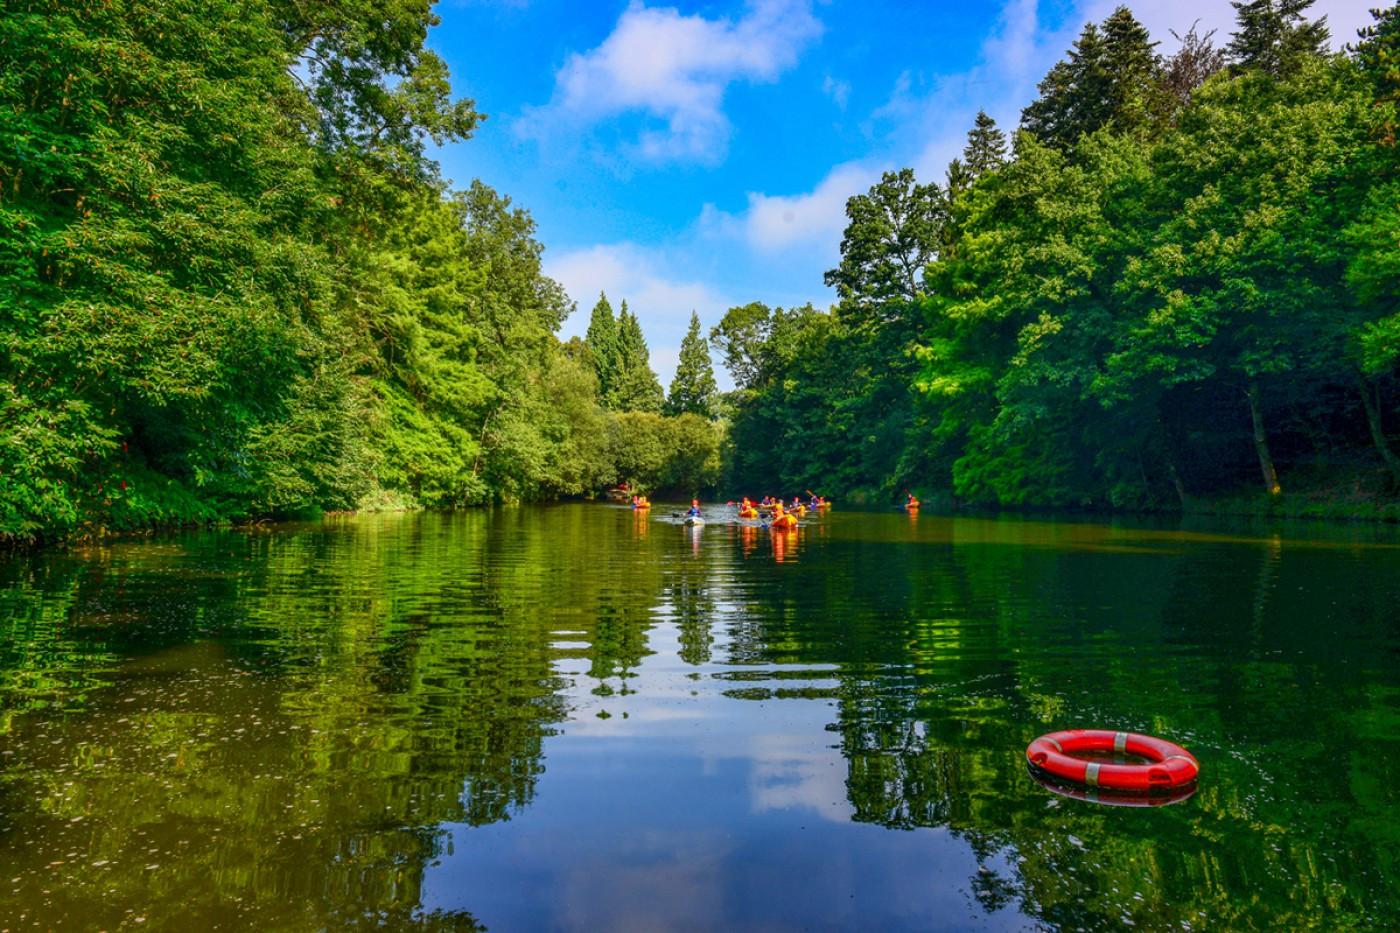 Chateau-lake-v2__ScaleWidthWzE0MDBd.jpg